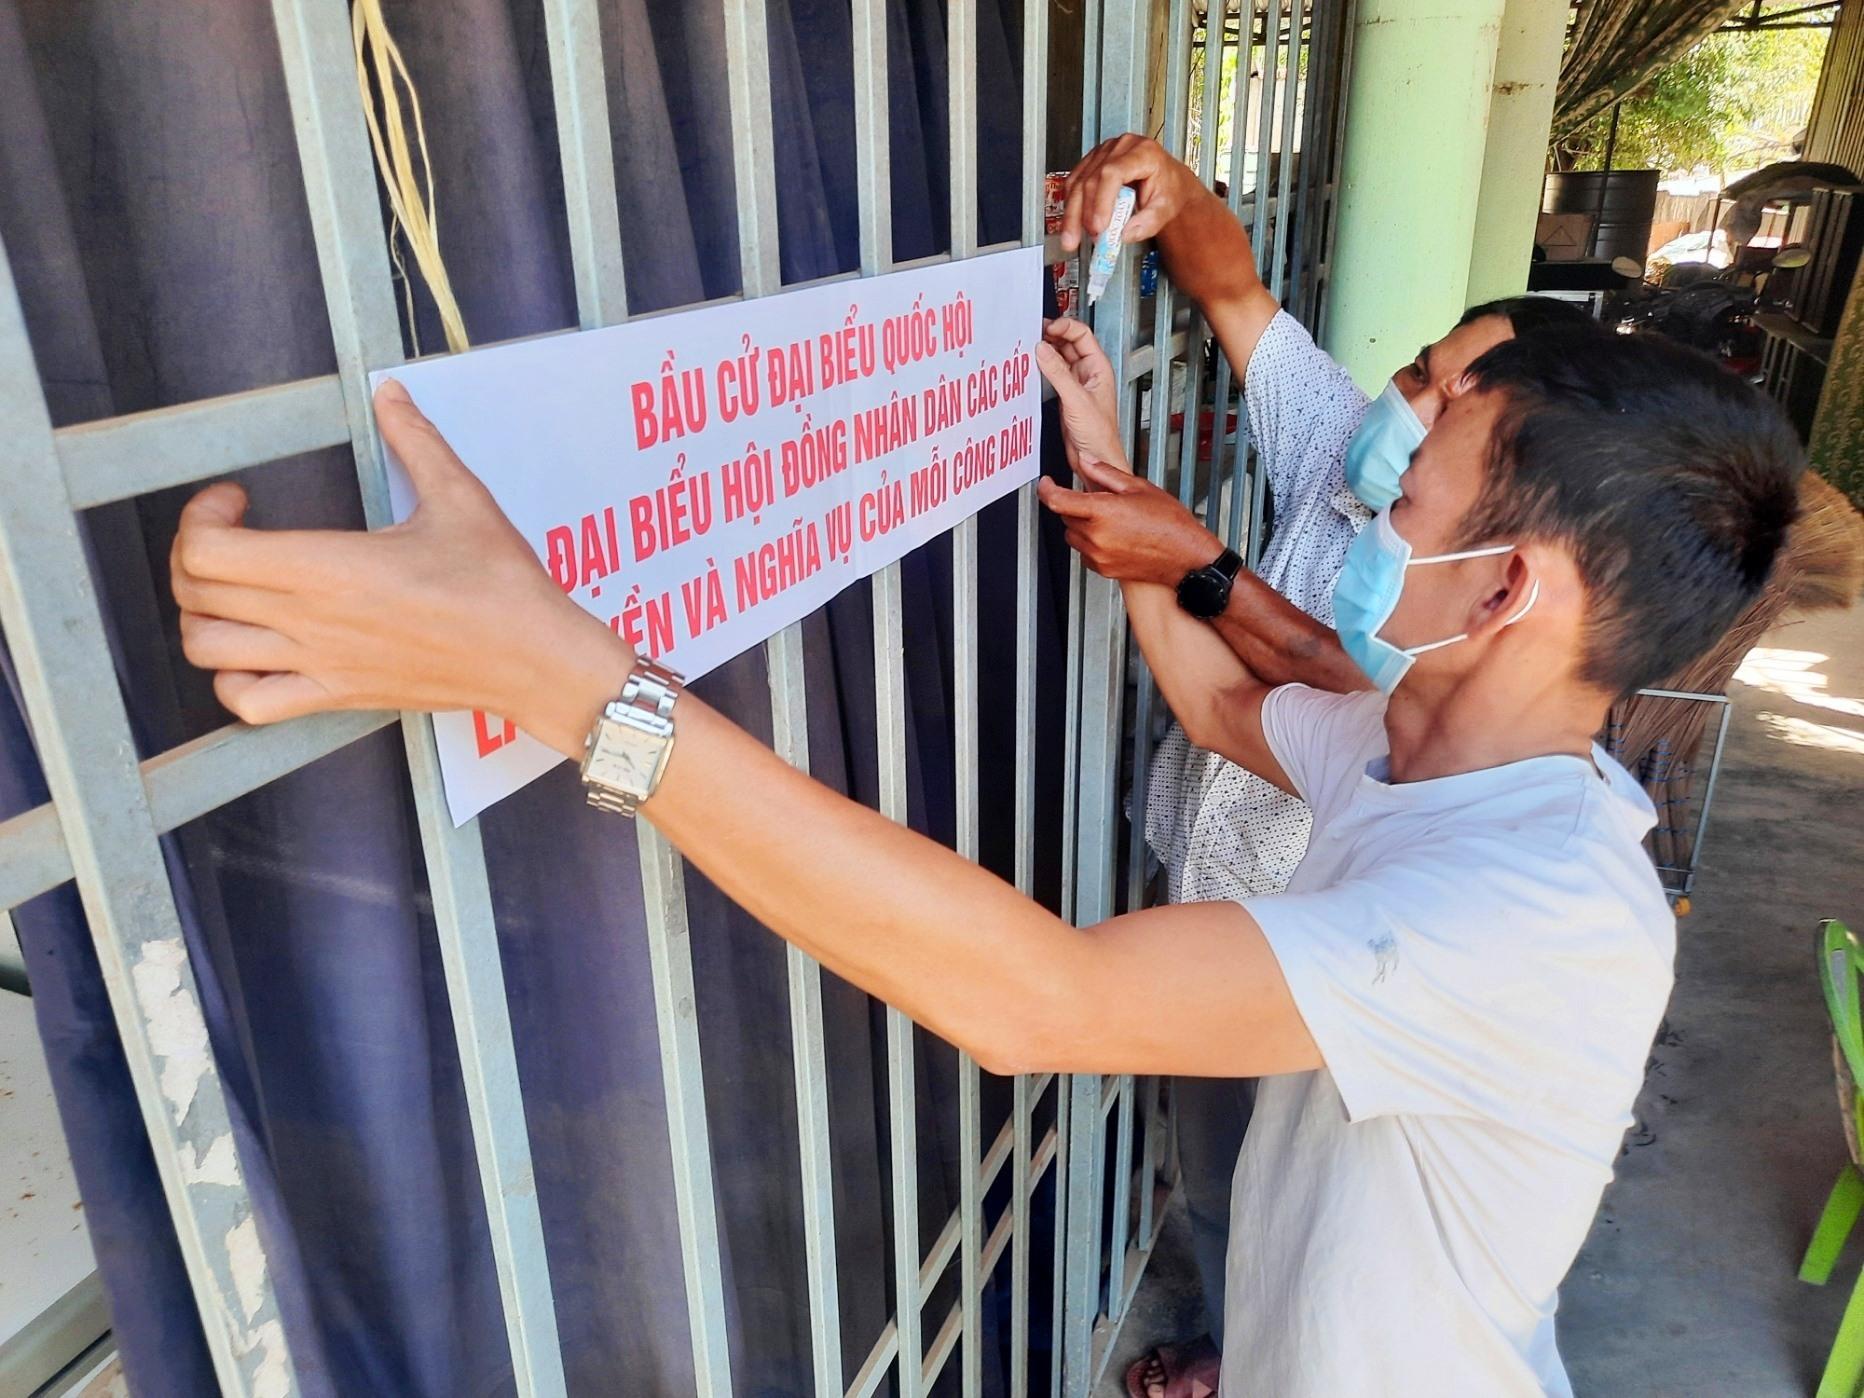 Dán áp phích tuyên truyền bầu cử tại các khu vực có nhiều người đến là cách làm hay của thôn Đại Đồng. Ảnh: Đ.C